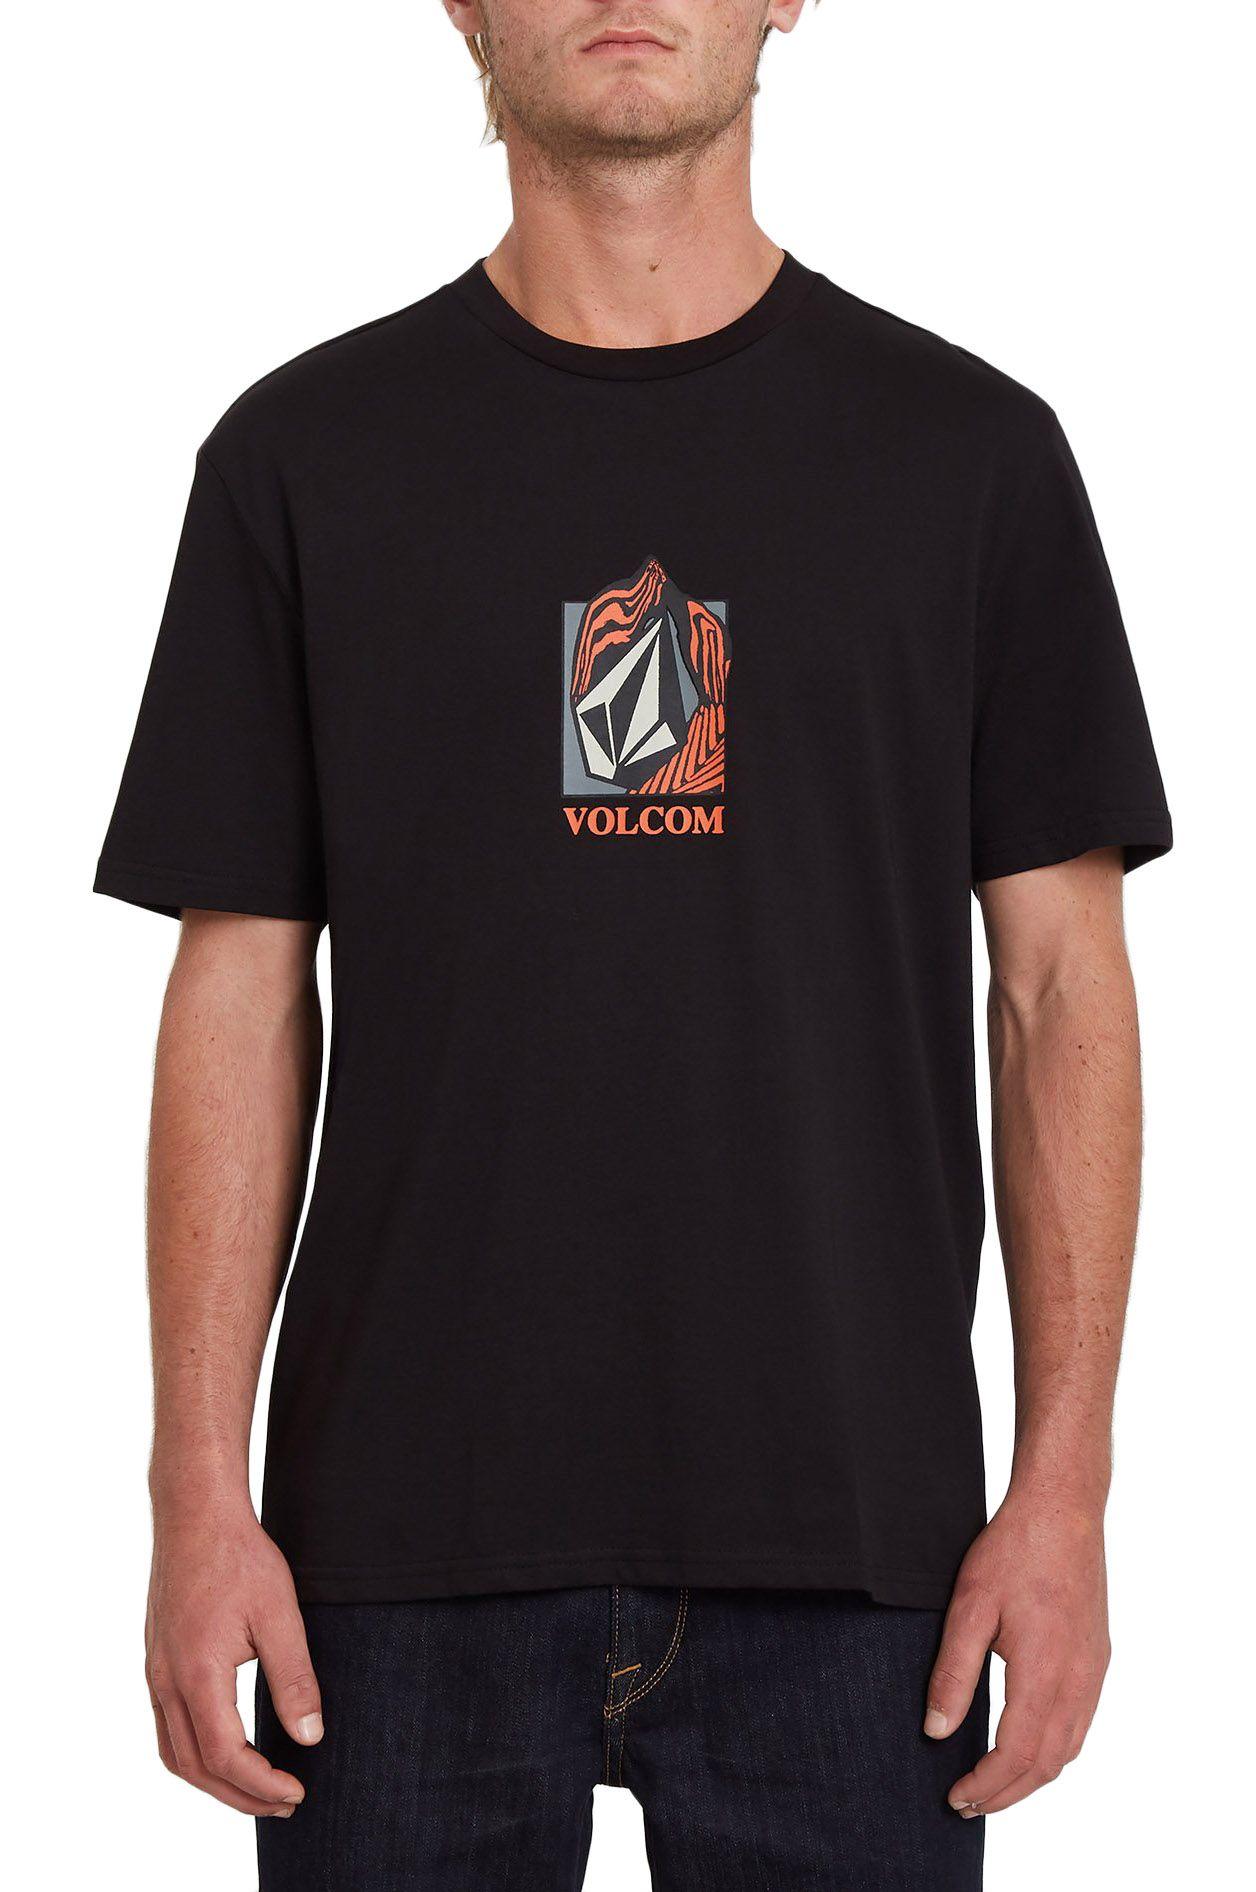 T-Shirt Volcom CROSTIC BSC SS Black